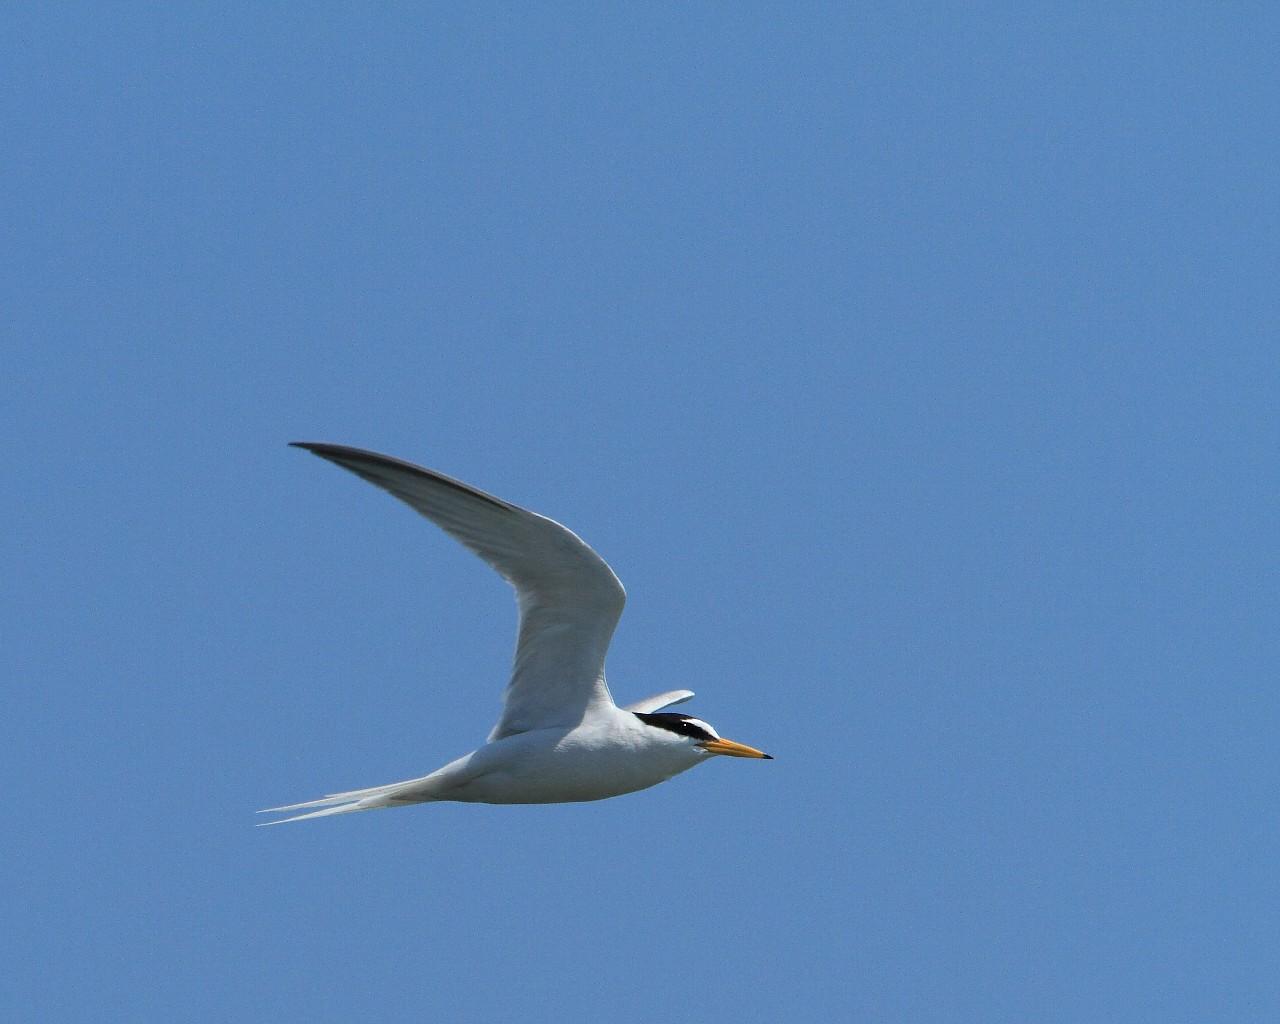 珍鳥には会えましたが、_f0105570_17143865.jpg